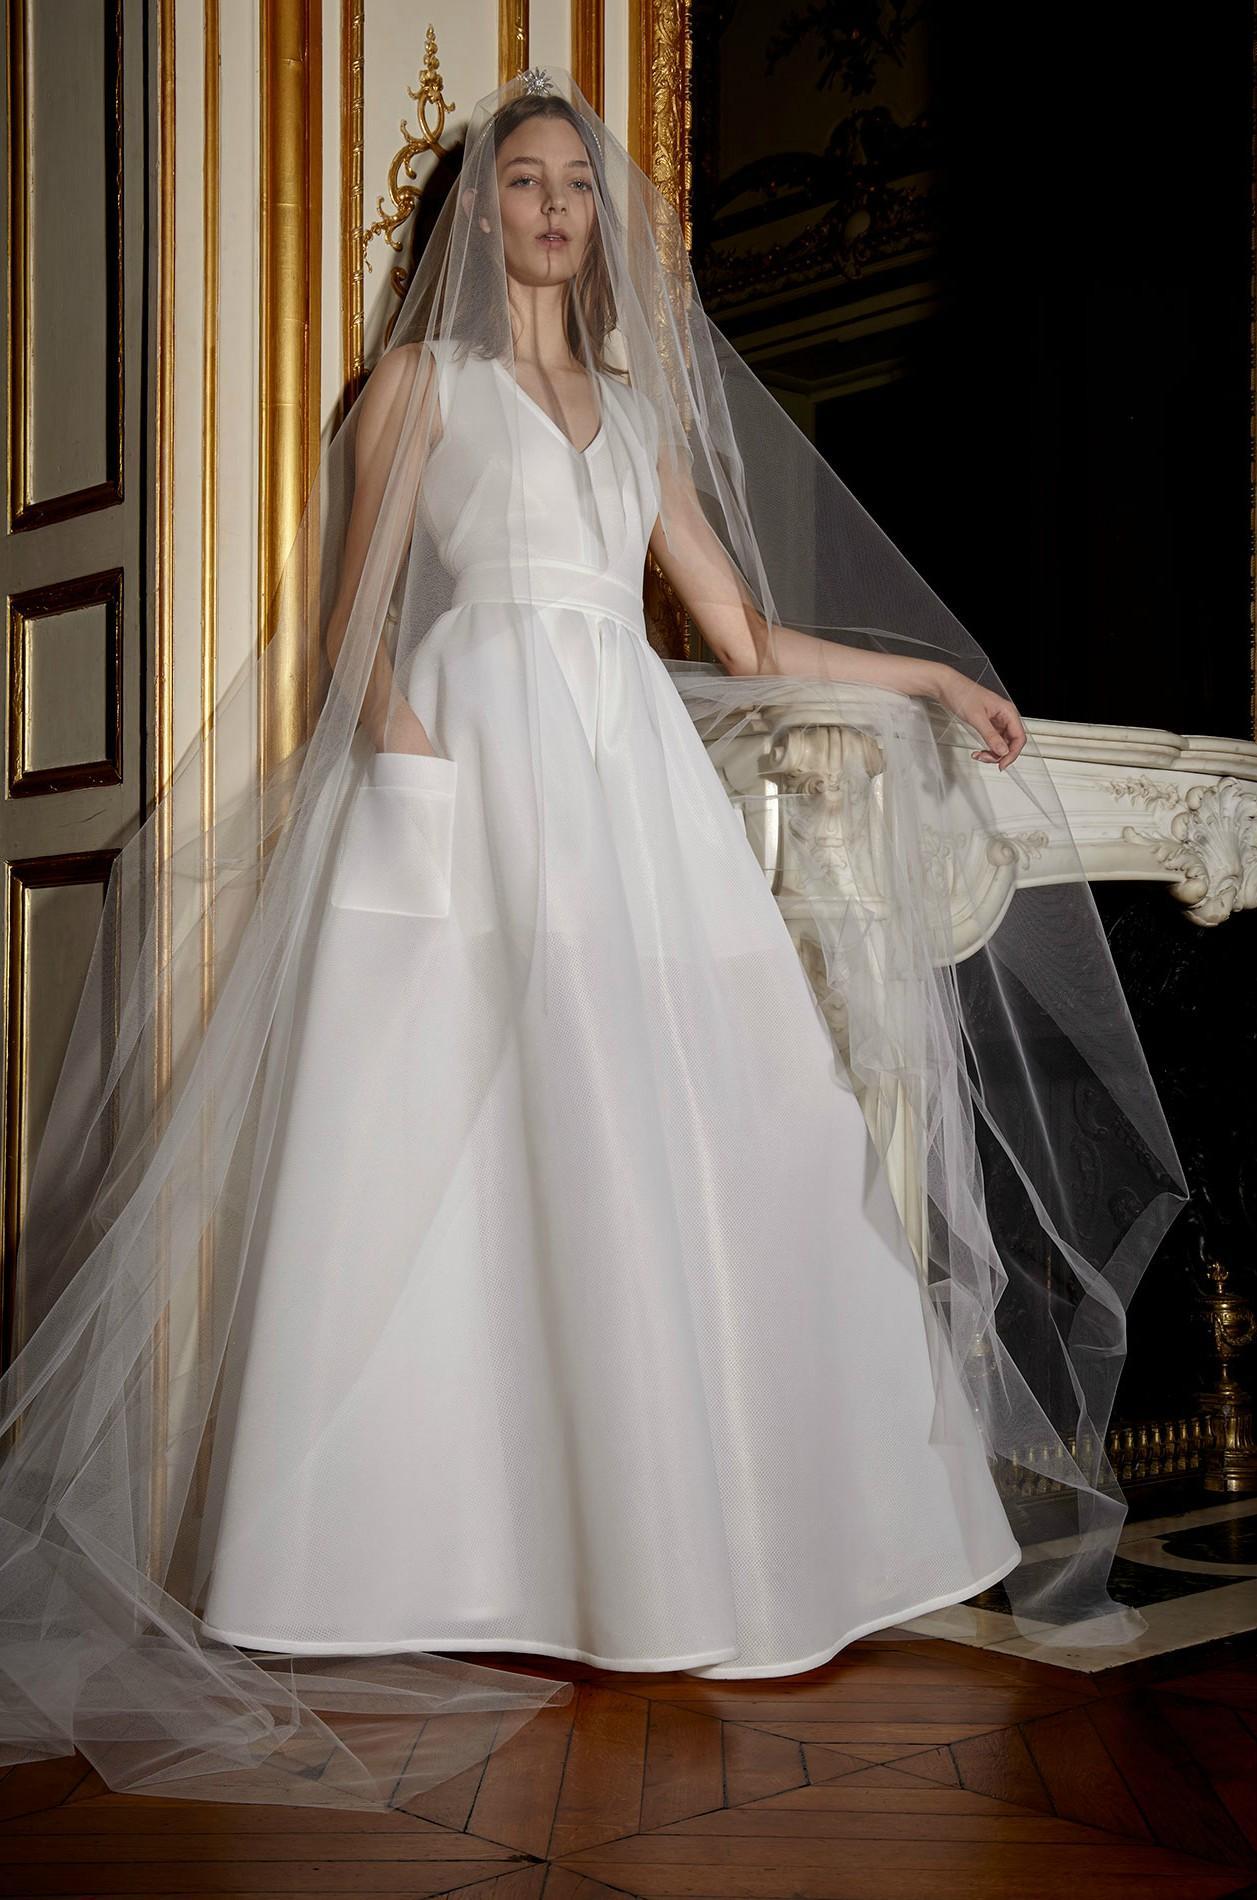 ca7f746dcd6 ... Notre sélection de robes de mariée à moins de 500 euros - Alexis  Mabille x Monoprix ...